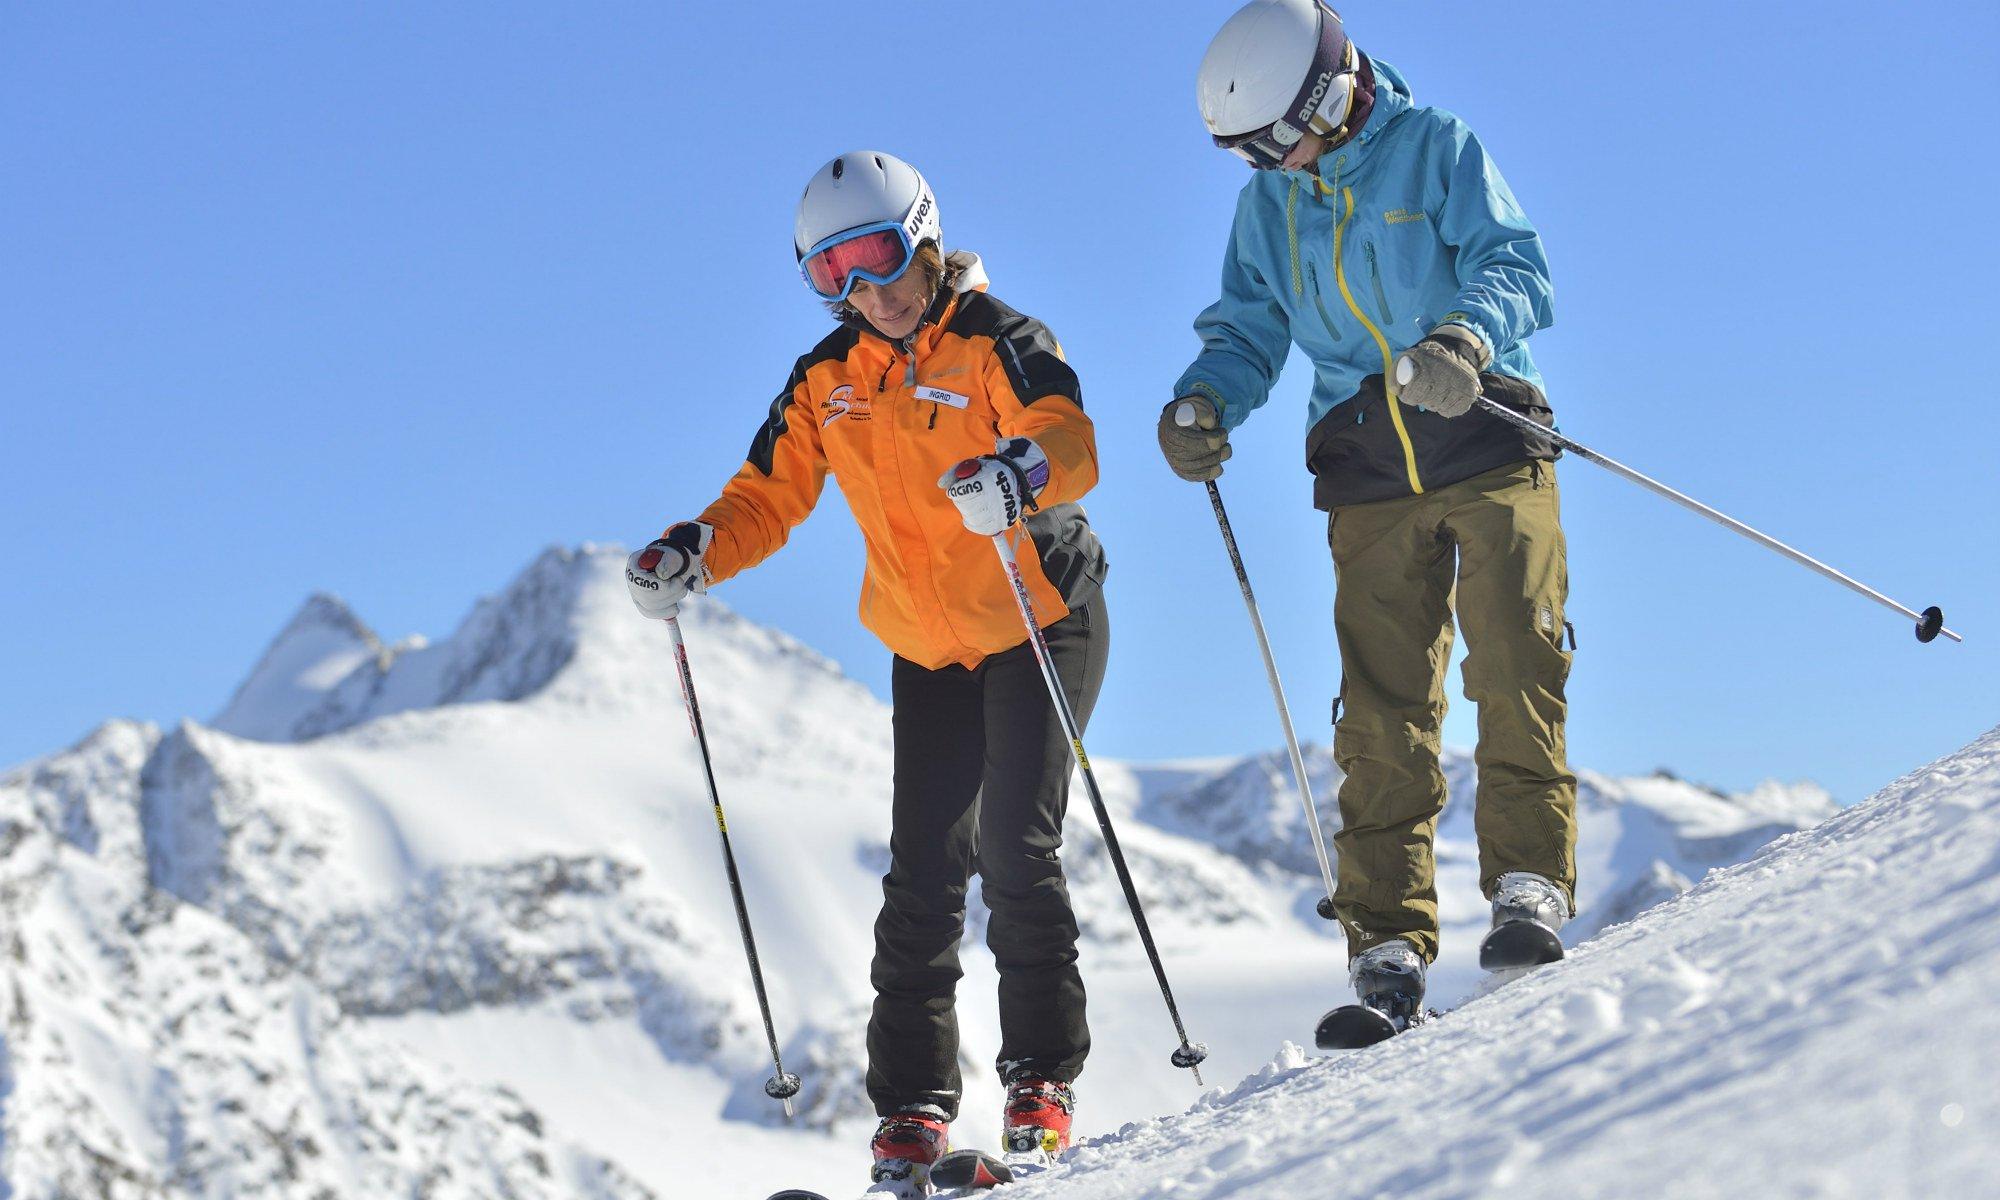 Mit unserer Checkliste ist das Anschnallen der Skier kein Problem.